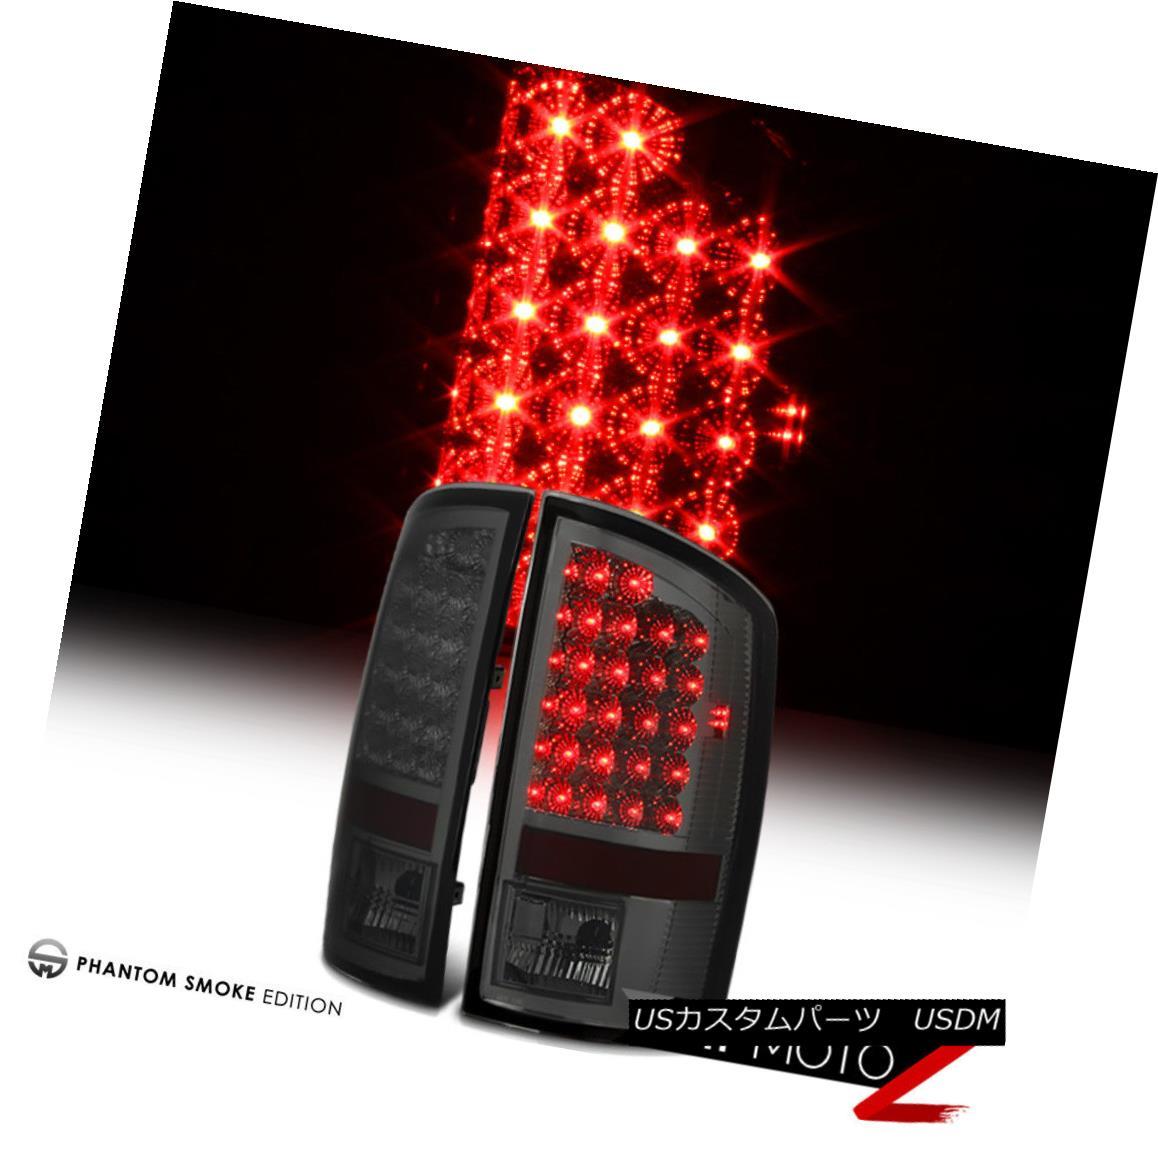 テールライト L+R Smoke LED L Tail Lights + Brake Signal テールライト Lamps 2007-2008 Dodge RAM 1500/2500/3500 L + R煙LEDテールライトブレーキ信号ランプ2007-2008ダッジRAM 1500/2500/3500, 名入れ結婚祝いのサリープライズ:202cb407 --- officewill.xsrv.jp